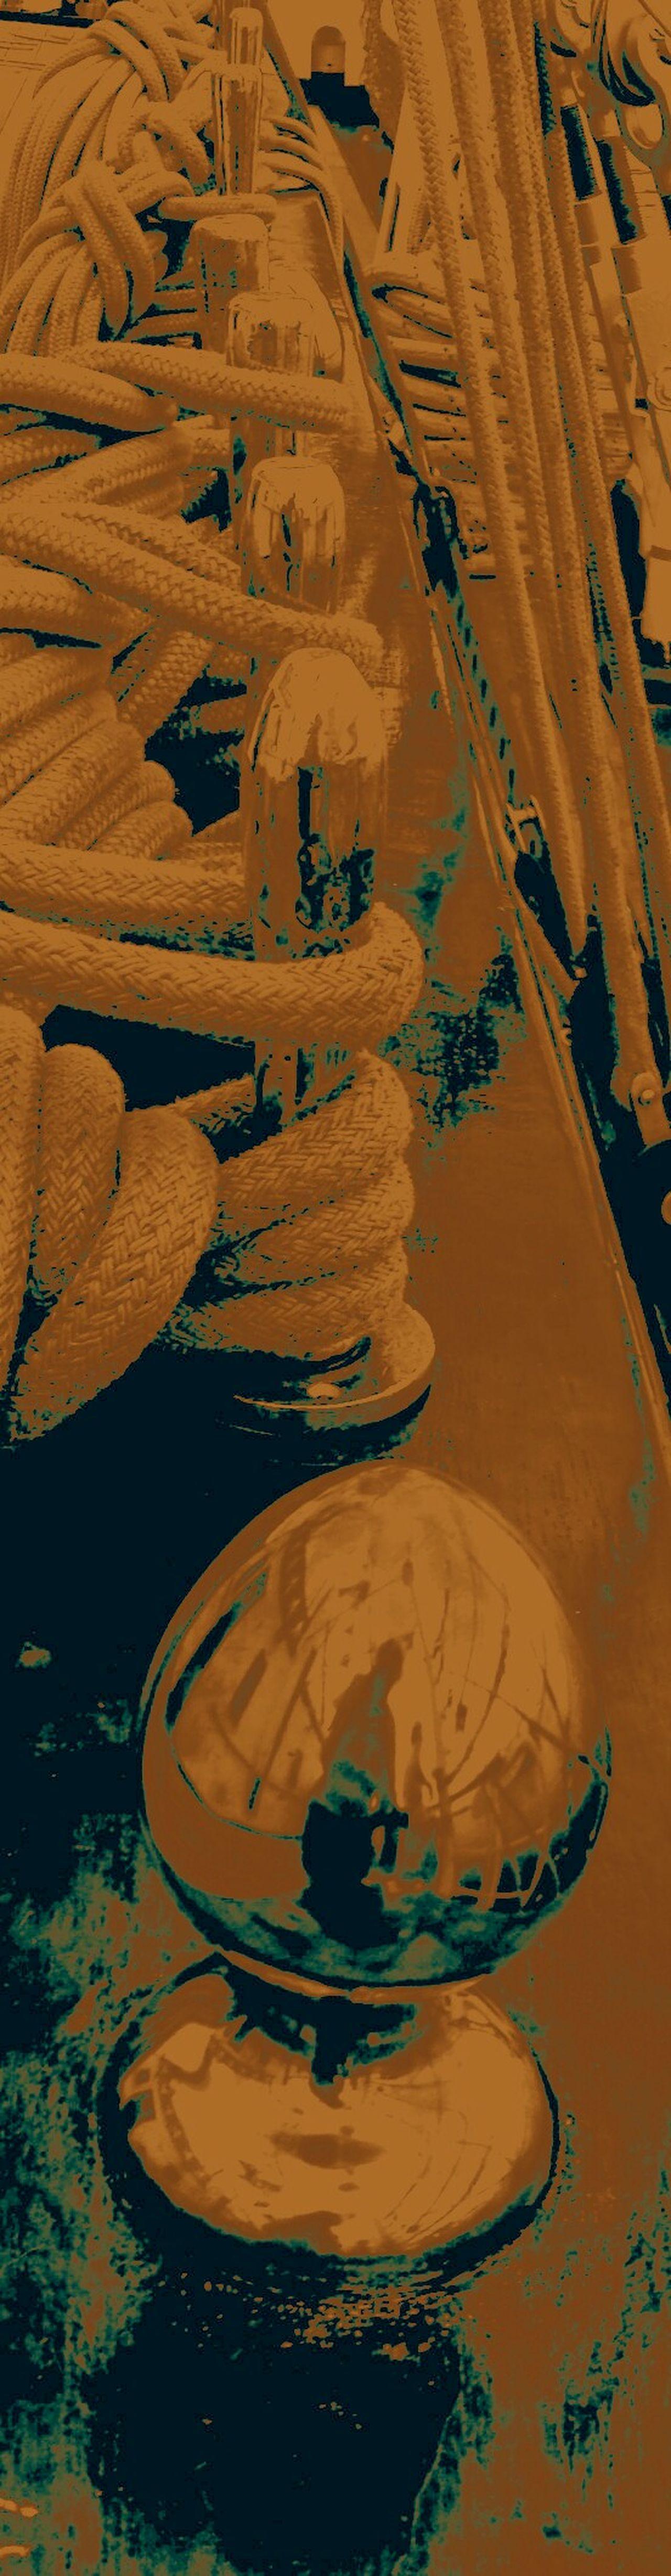 Mariposas disfrazadas de sirenas tirando dardos envenenados Nature_collection Eye4photography  Cuerdas Naturelovers PlaceresDeLaVida EyeEmBestPics